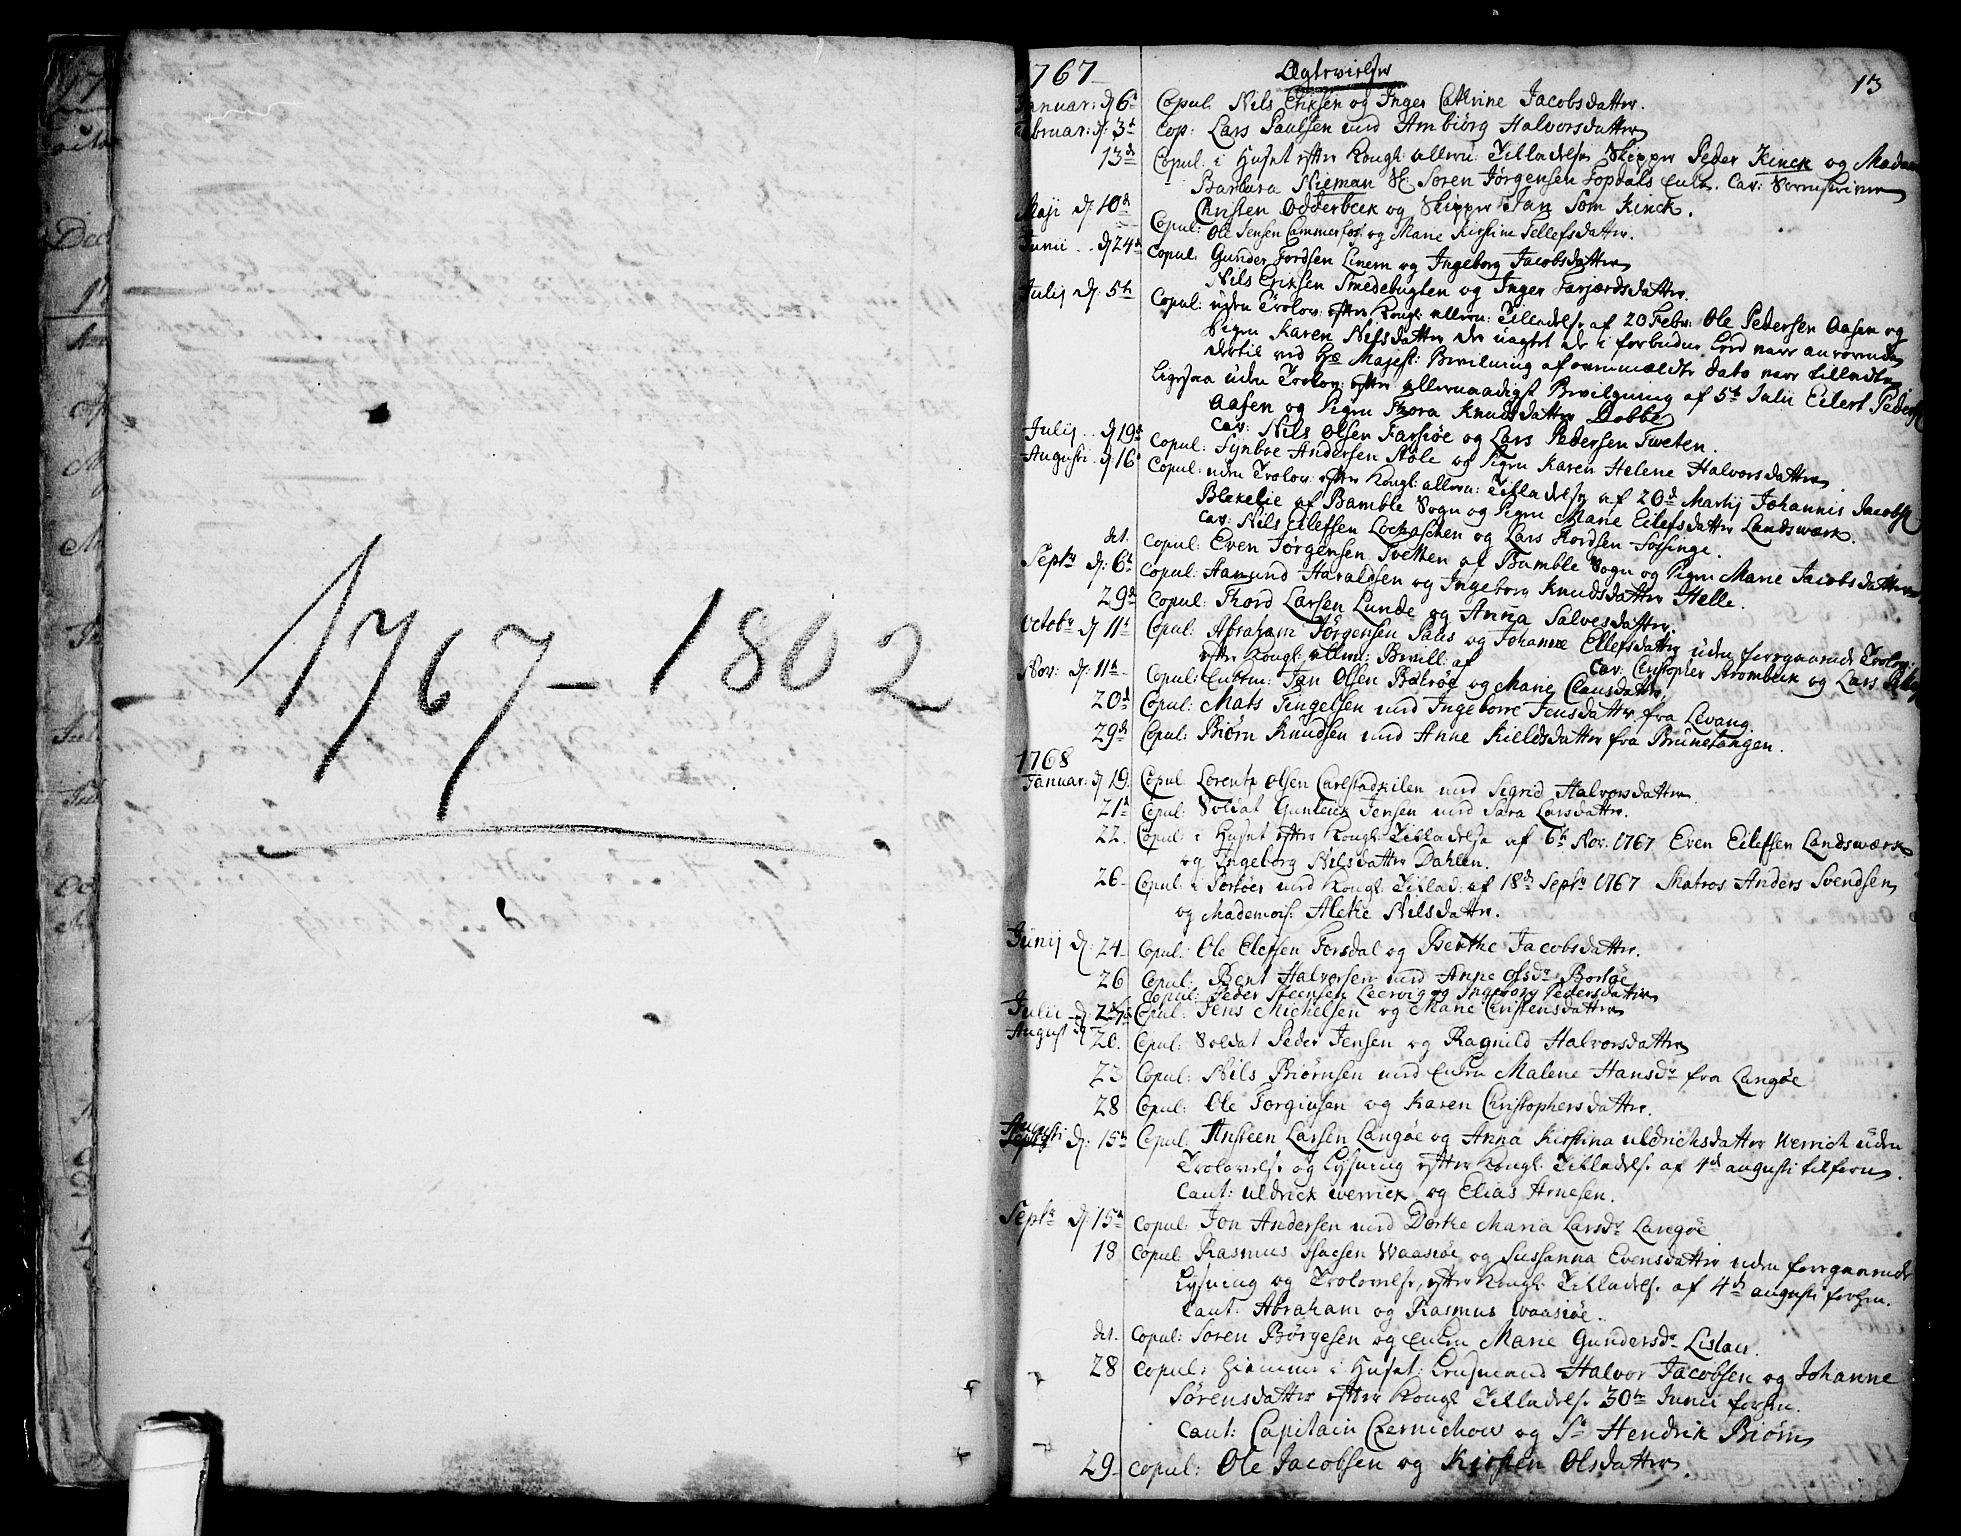 SAKO, Sannidal kirkebøker, F/Fa/L0002: Ministerialbok nr. 2, 1767-1802, s. 13